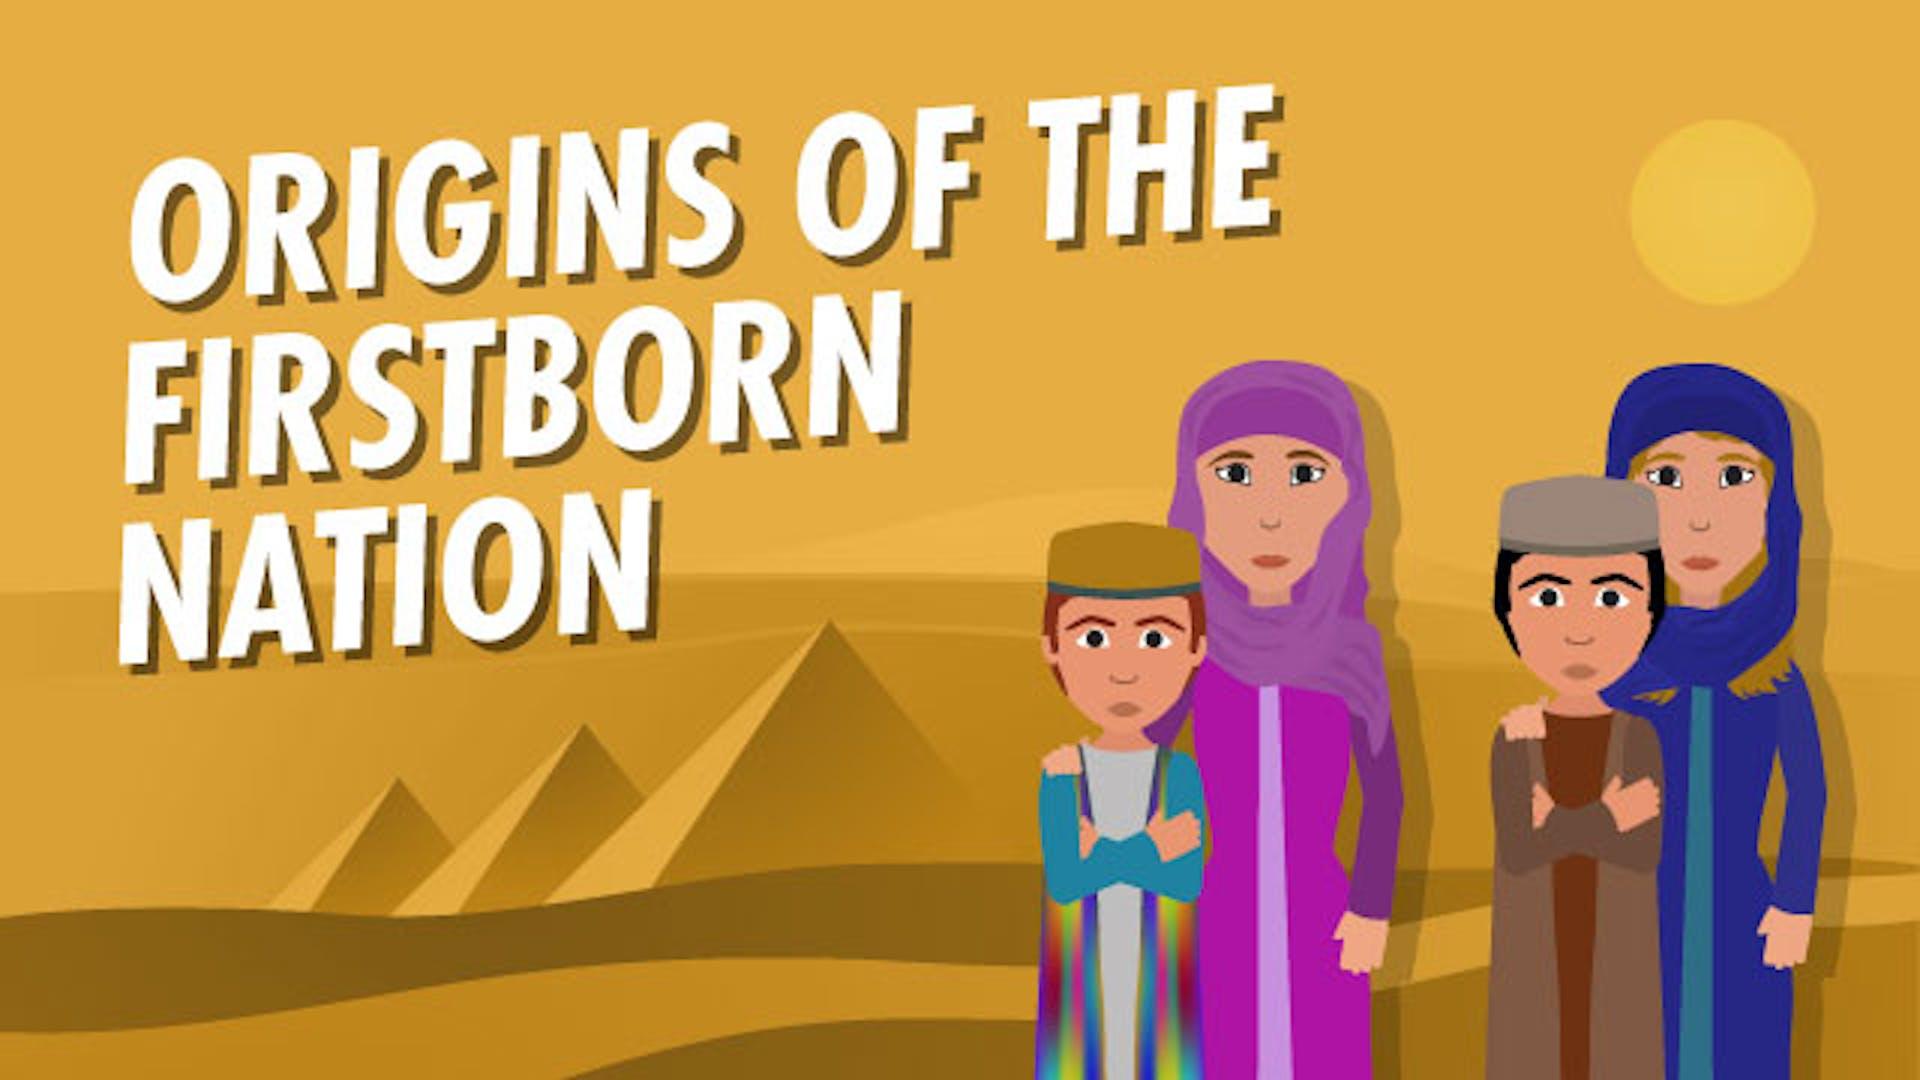 Israel God's chosen nation origin